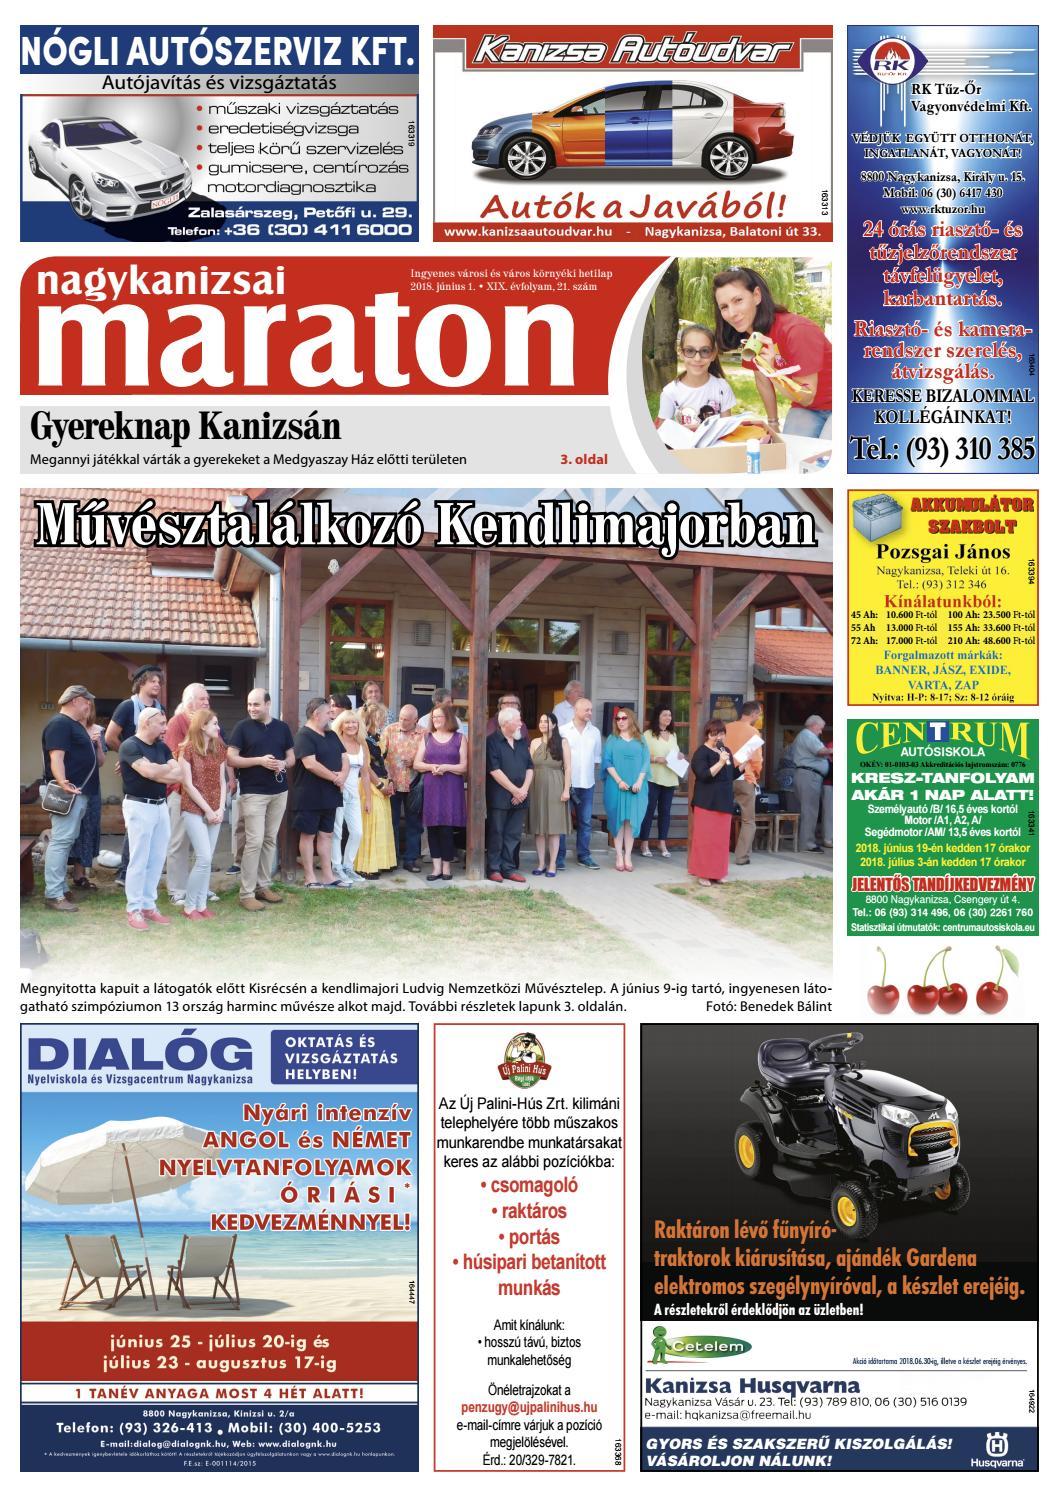 Médiatorta – , milliárd Ft volt a es teljes sajtópiaci bevétel - kendoszalon.hu